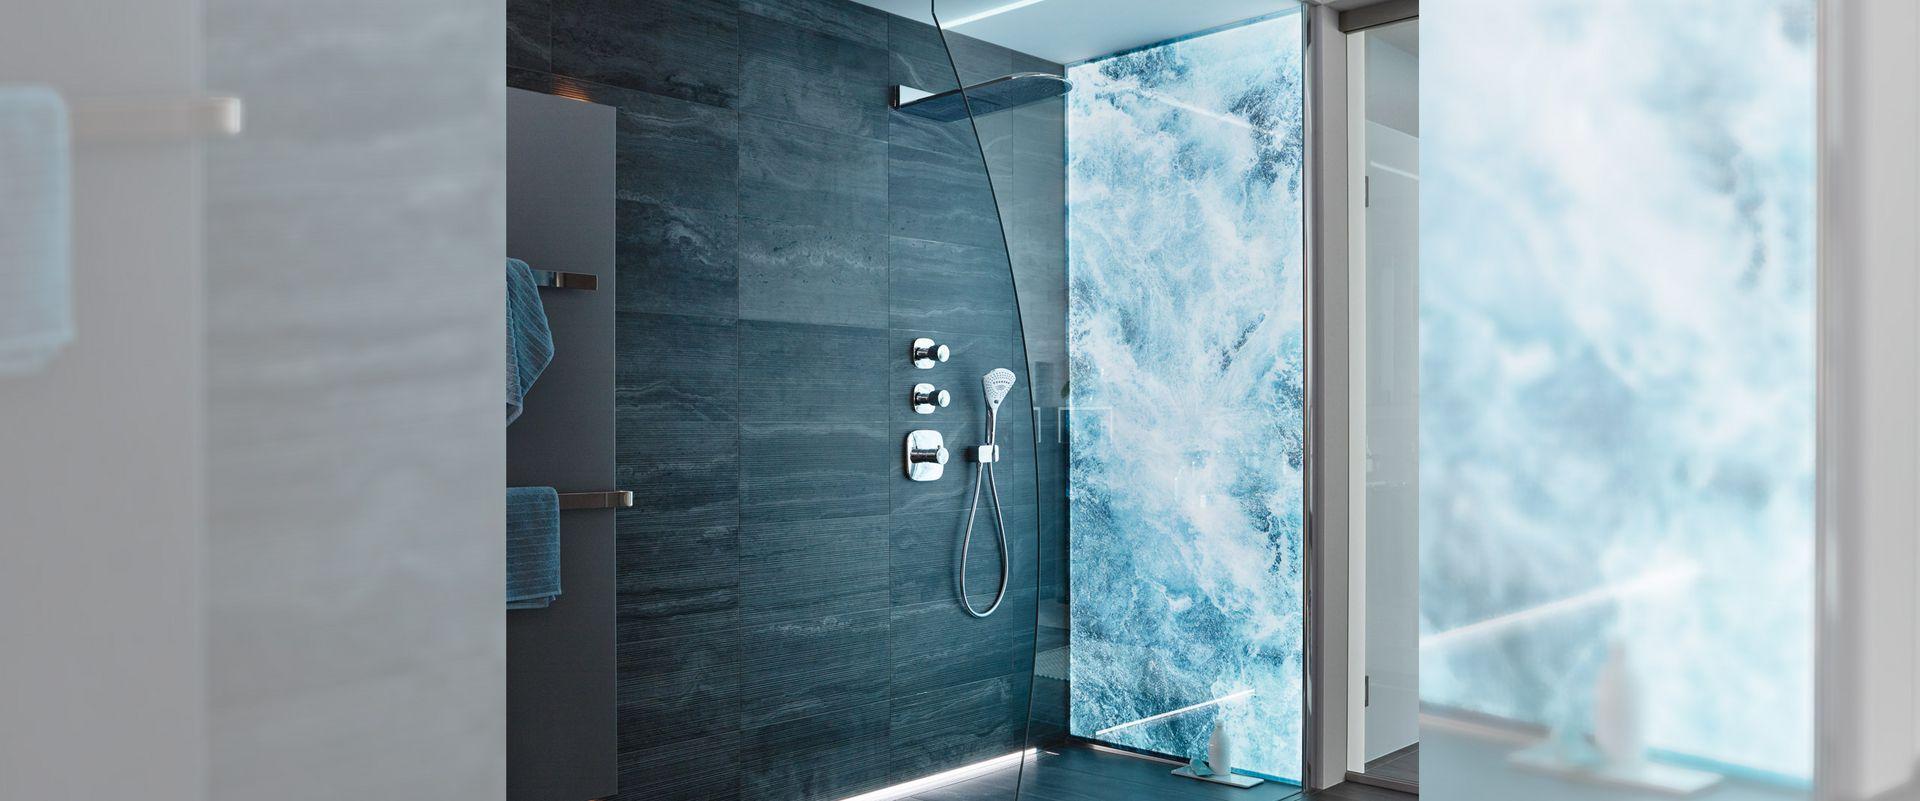 Full Size of Wandverglasung Mit Beleuchtung System Premium Led Von Sprinz Hsk Duschen Hüppe Schulte Werksverkauf Bodengleiche Breuer Moderne Kaufen Begehbare Dusche Sprinz Duschen